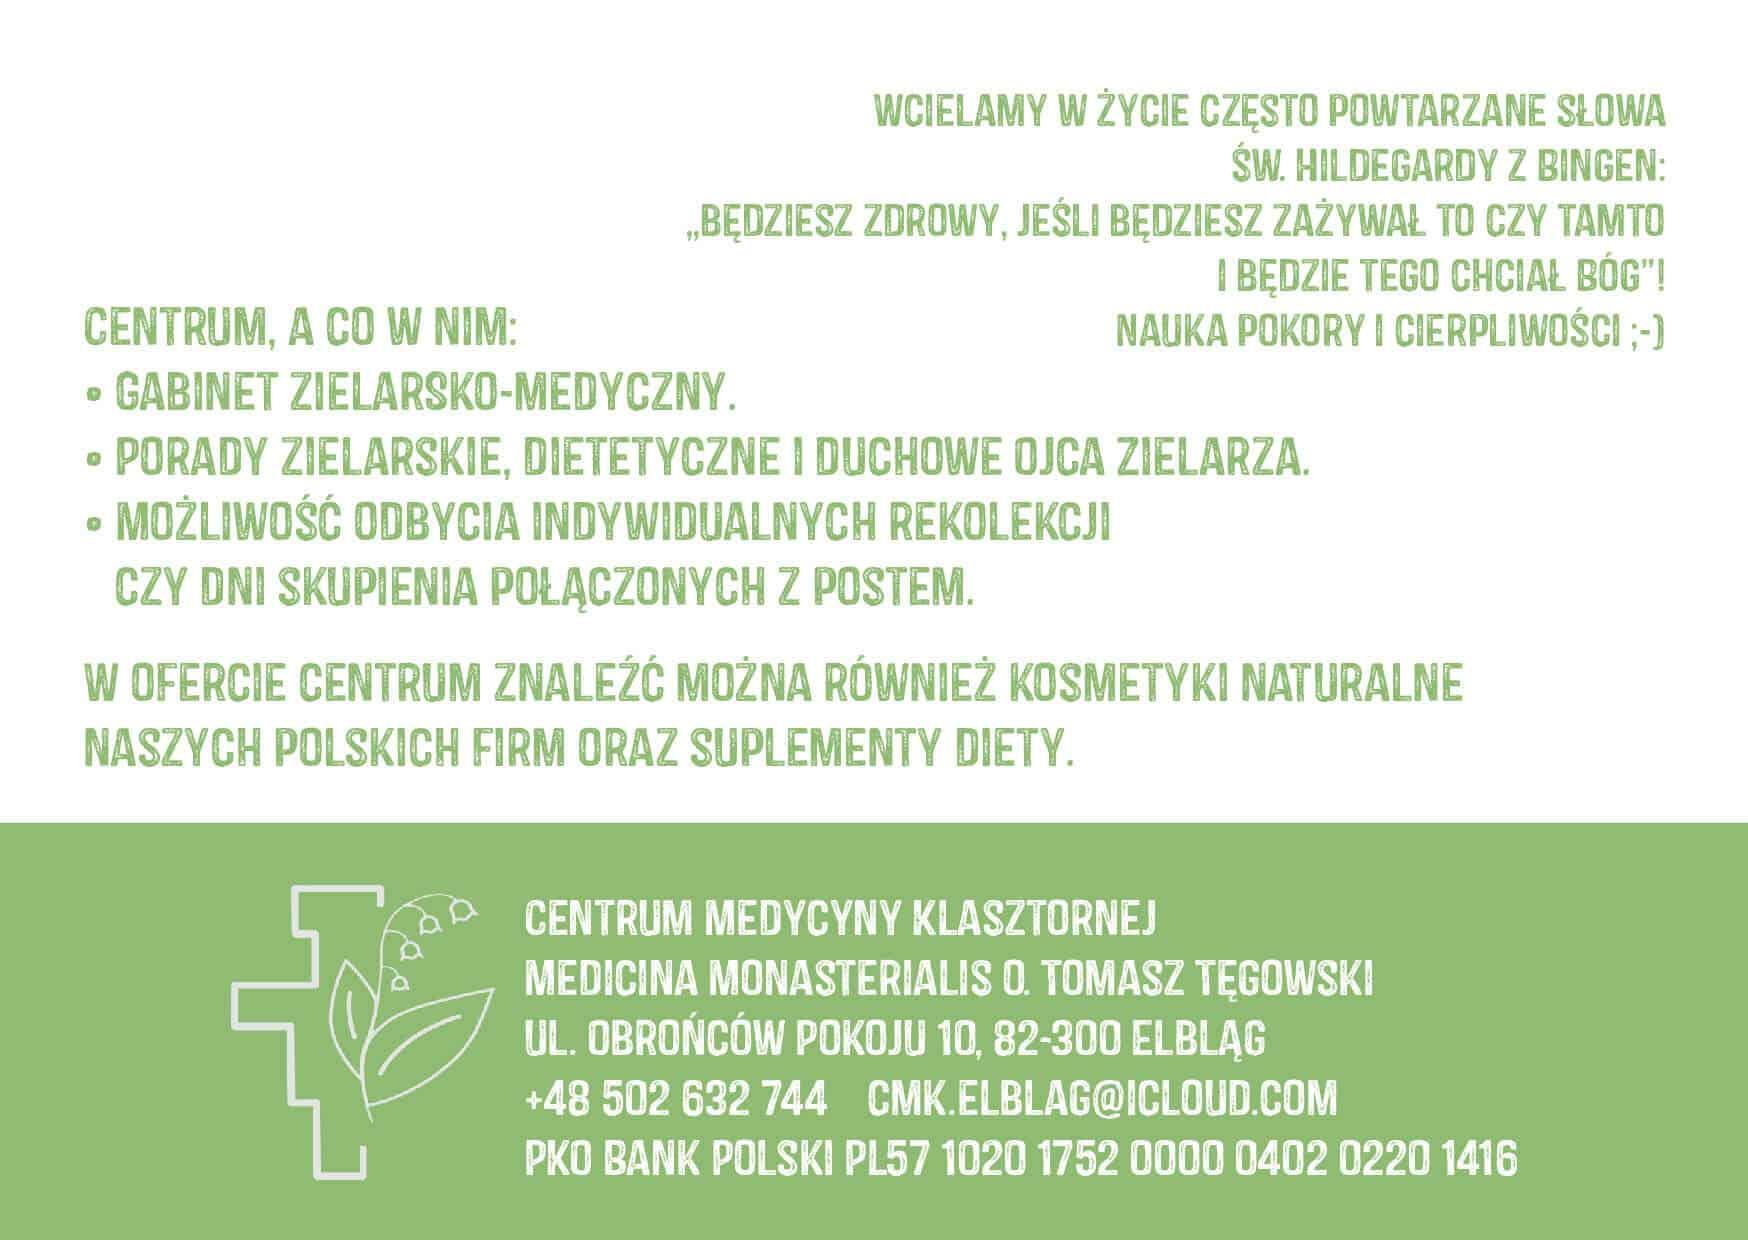 Centrum Medycyny Klasztornej opis